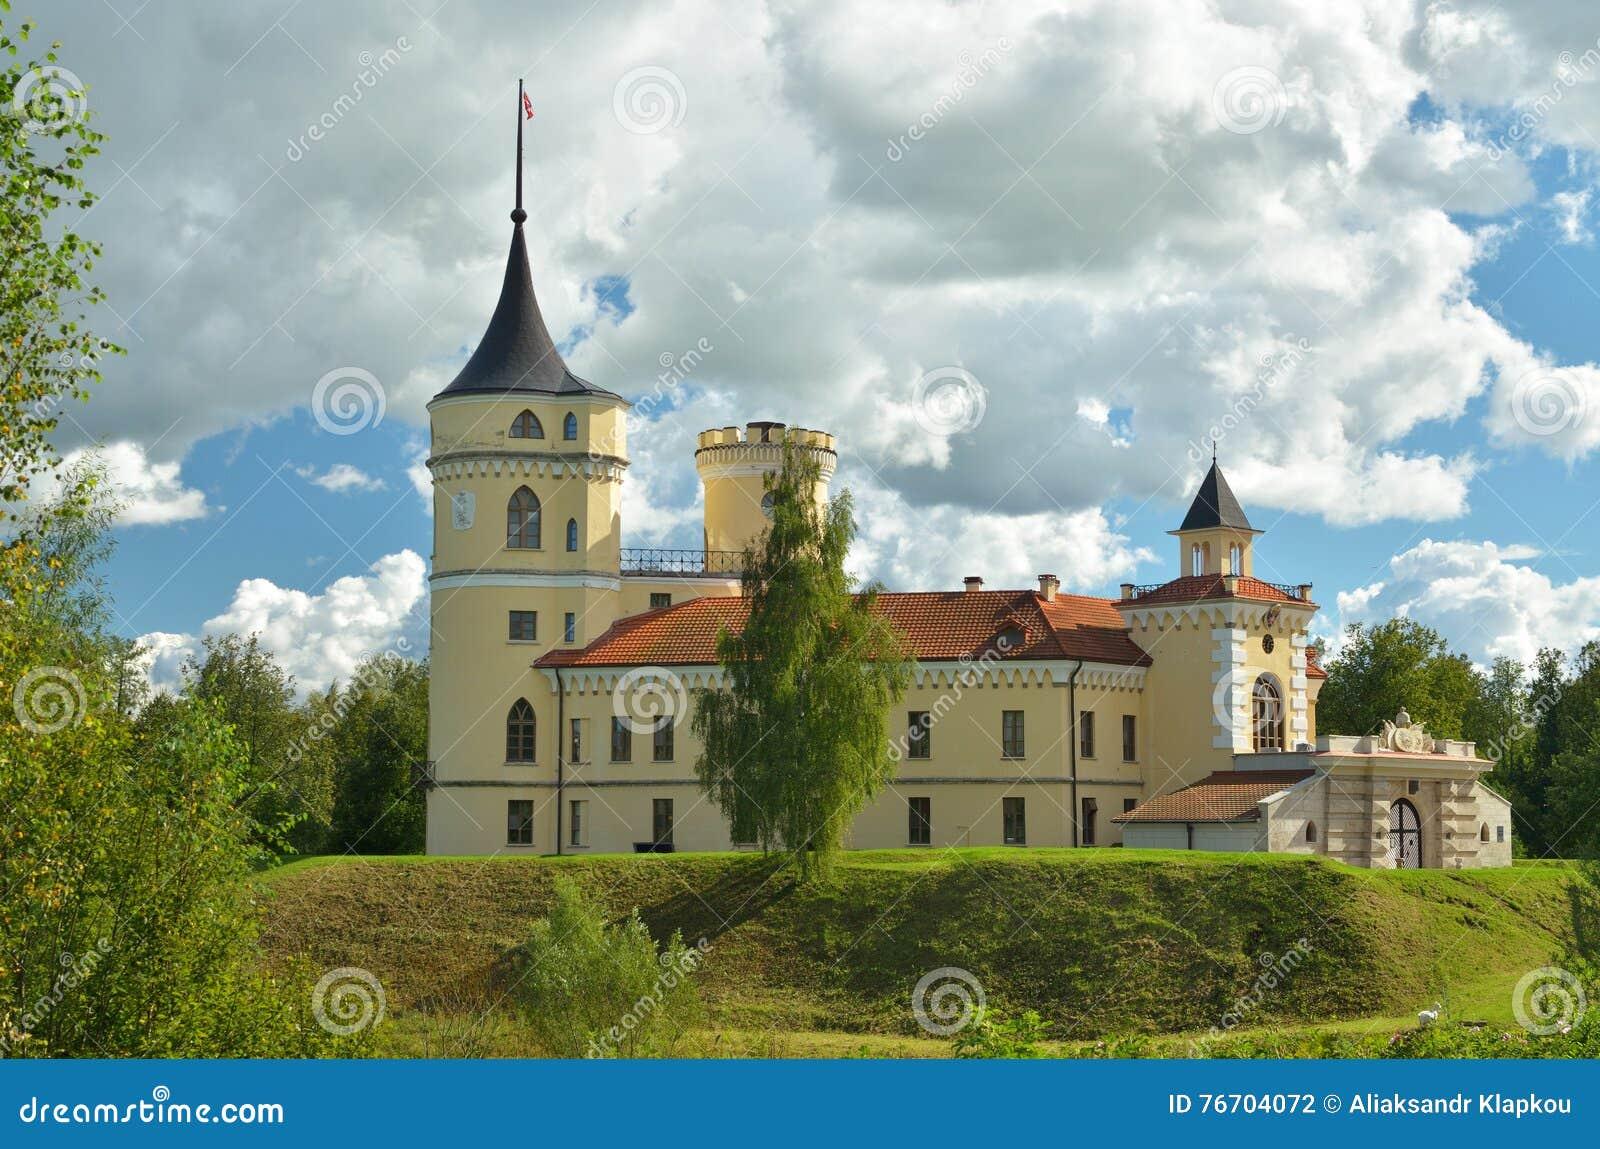 Das Schloss steht auf einem Hügel